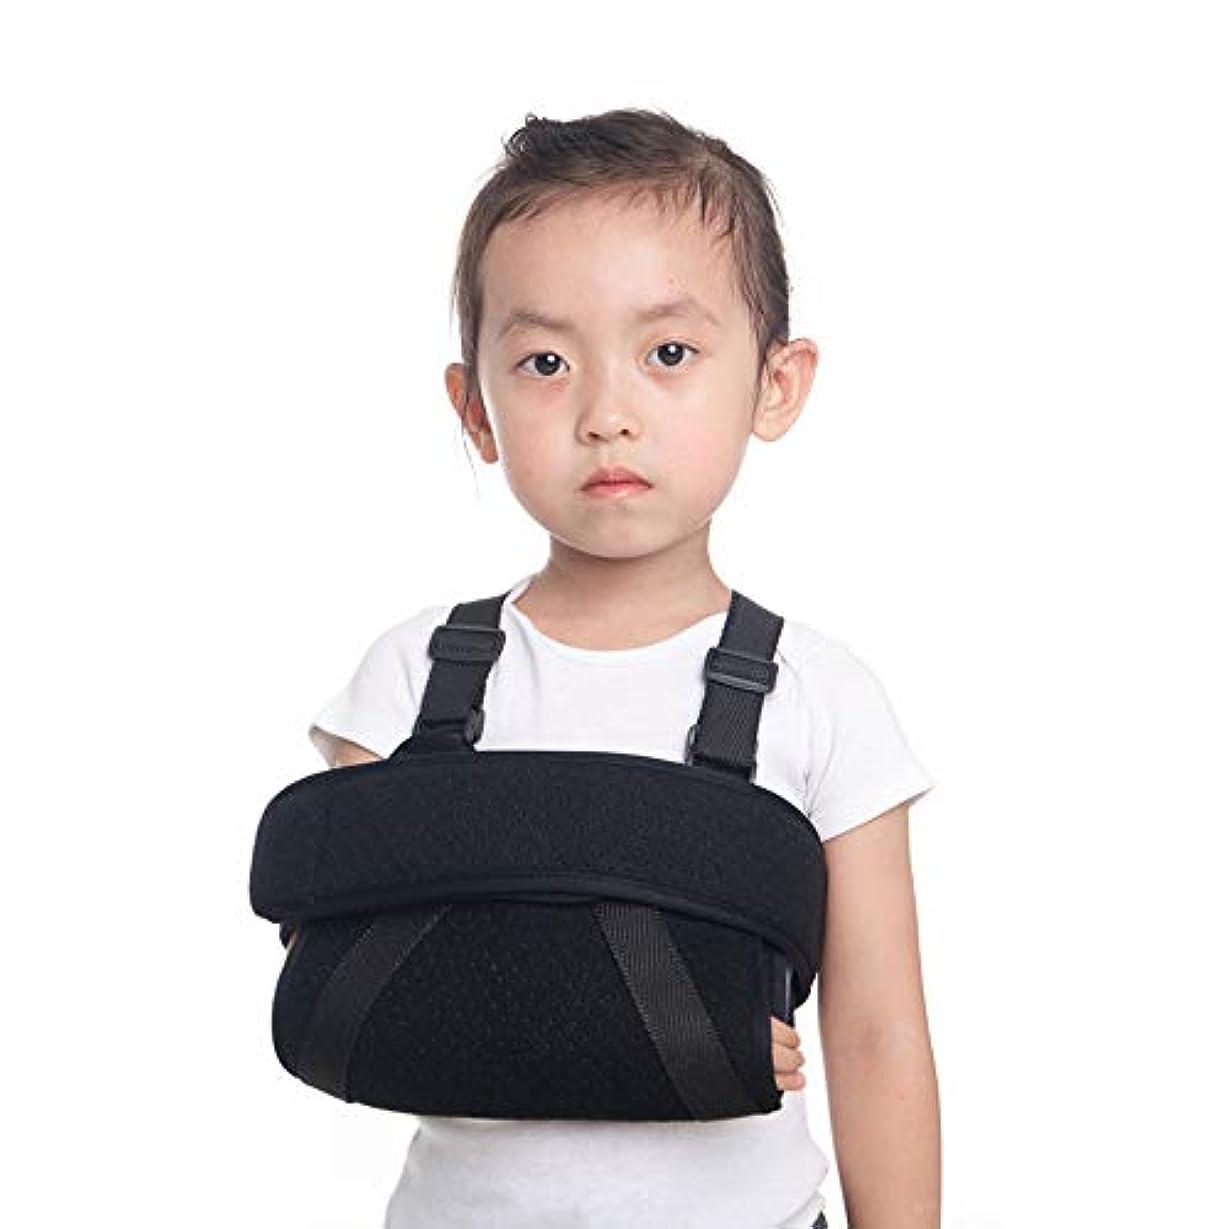 劇的移植マイクロキッズフラクチャリングスリング、アームエルボーフラクチャ固定ブレース、6-10歳の子供の 手首脱臼保護サポート